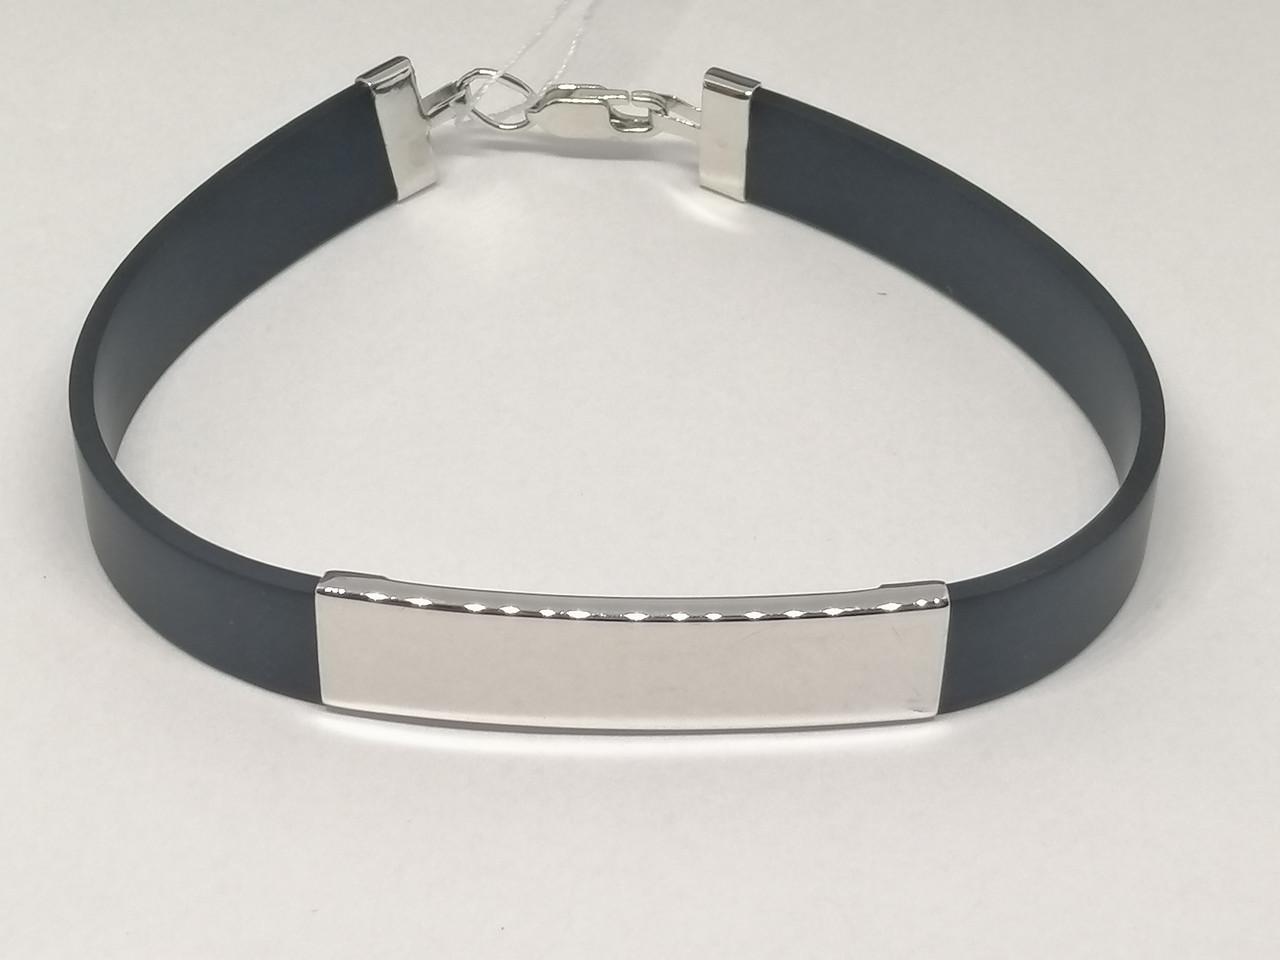 Срібний браслет з каучуком. Артикул 910057С 20